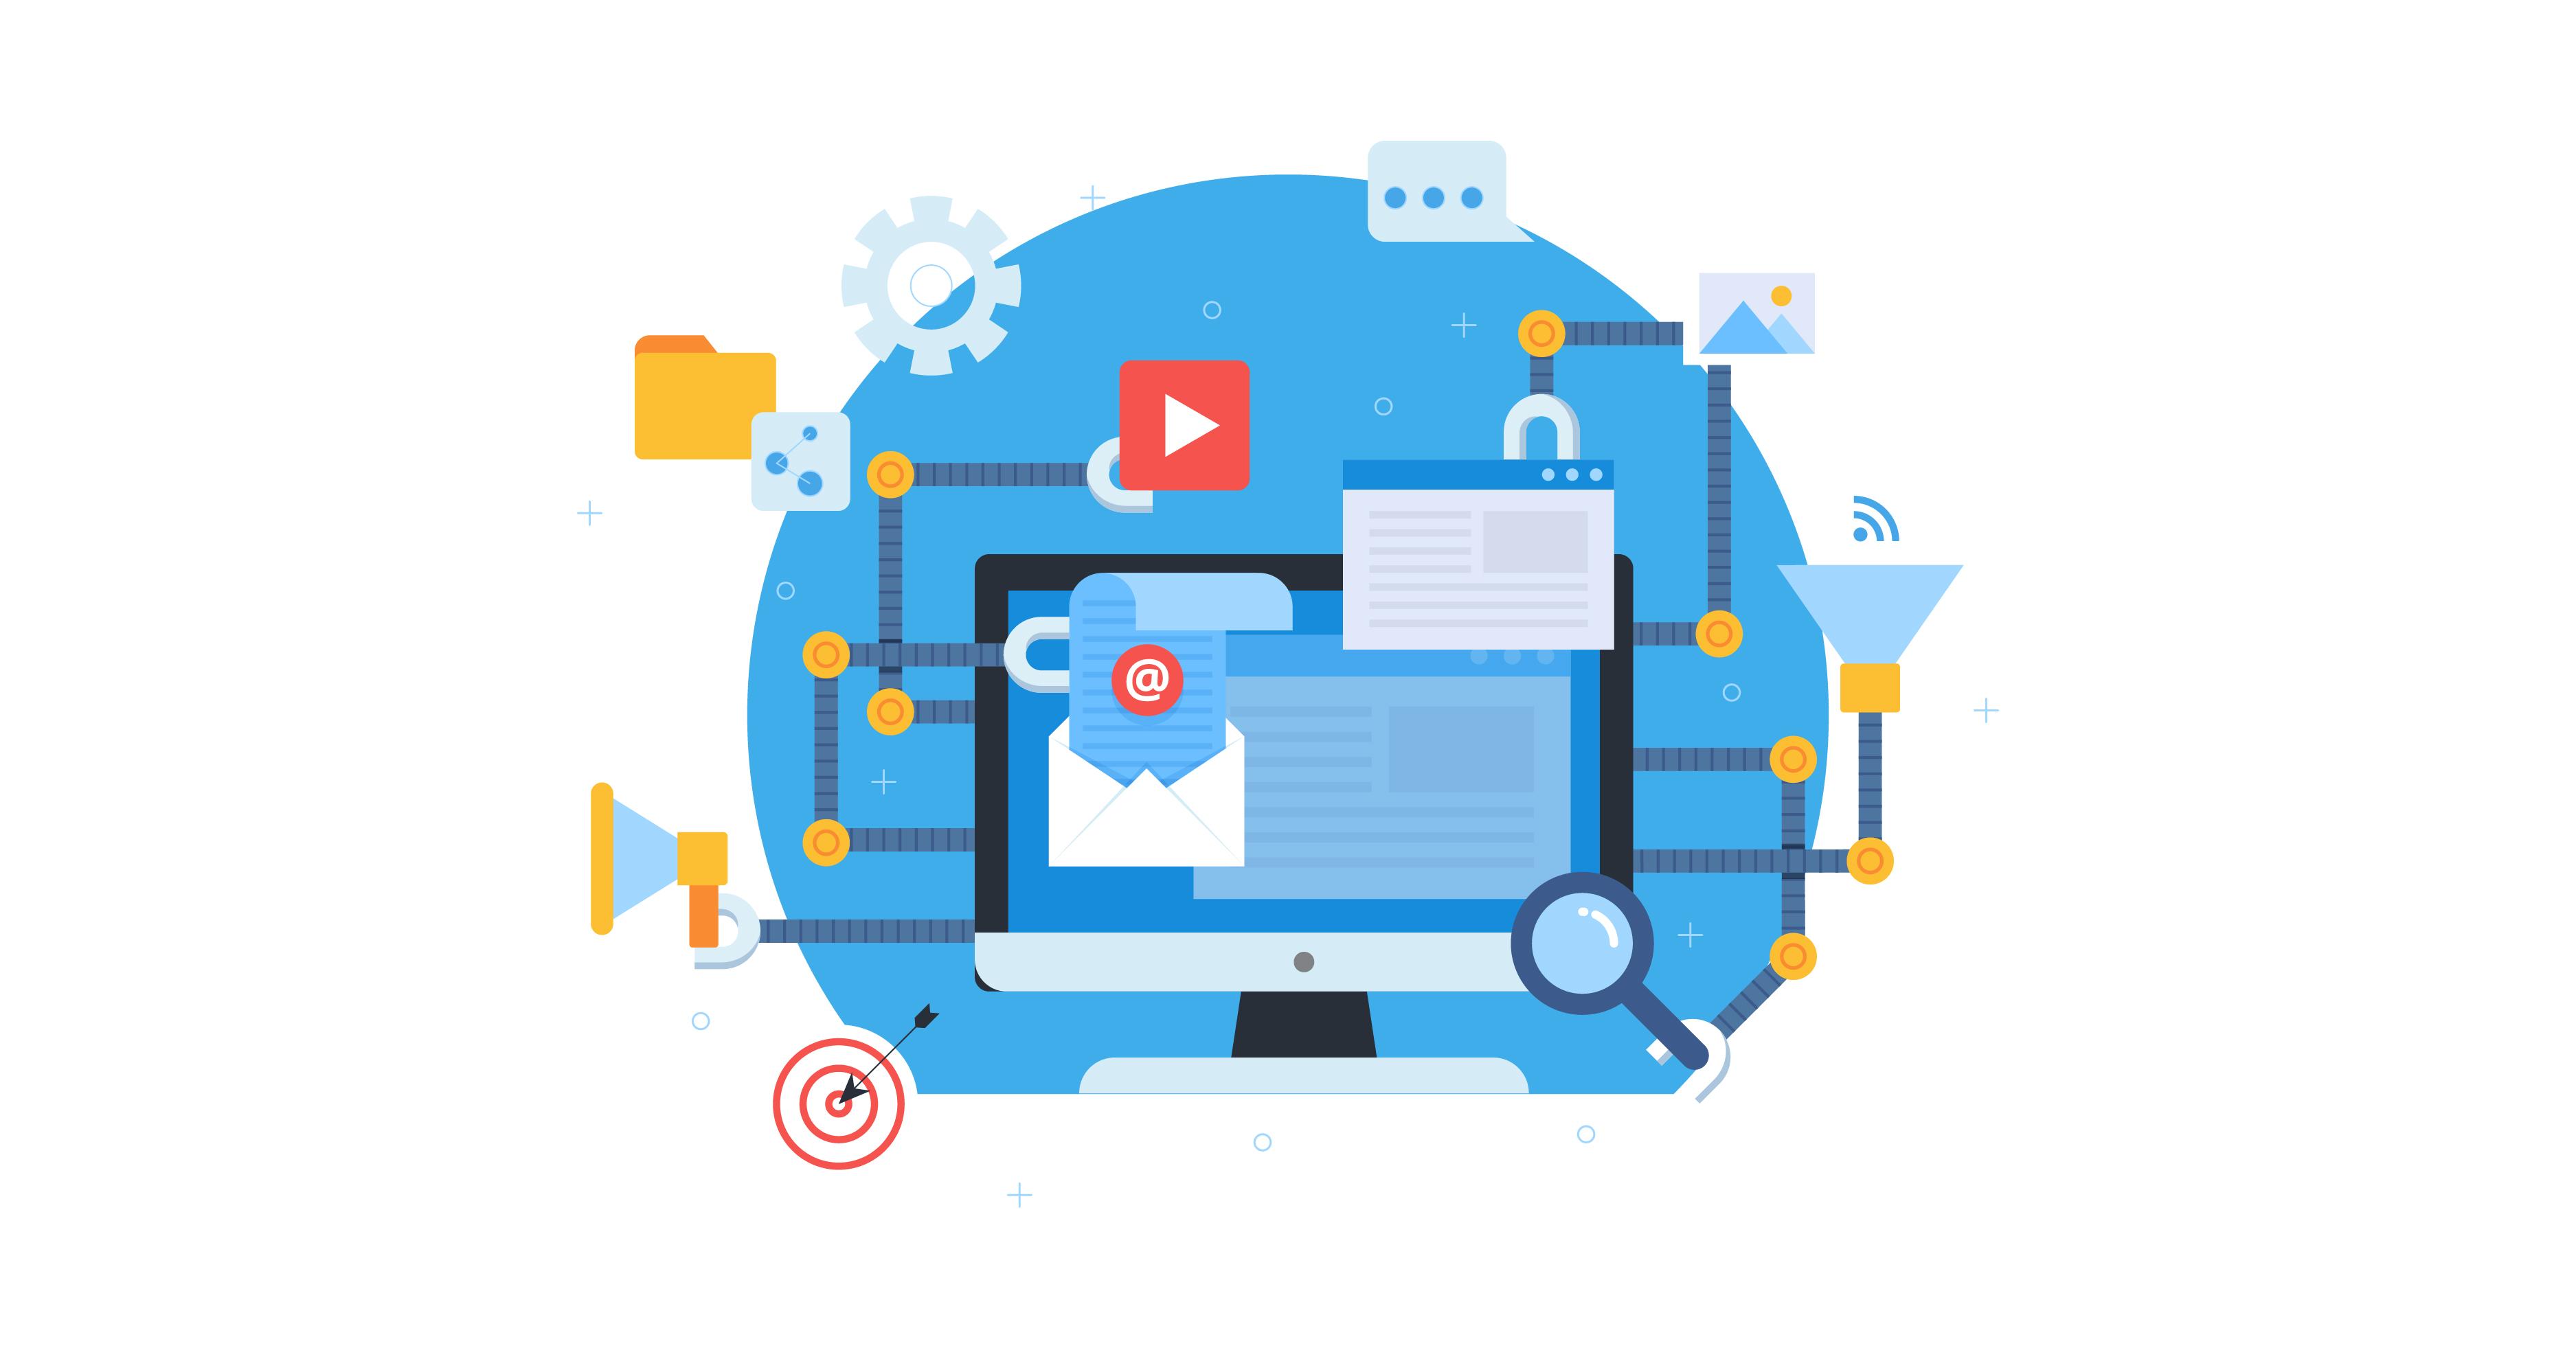 ¿Qué es Operations Hub de HubSpot y cómo usarlo?